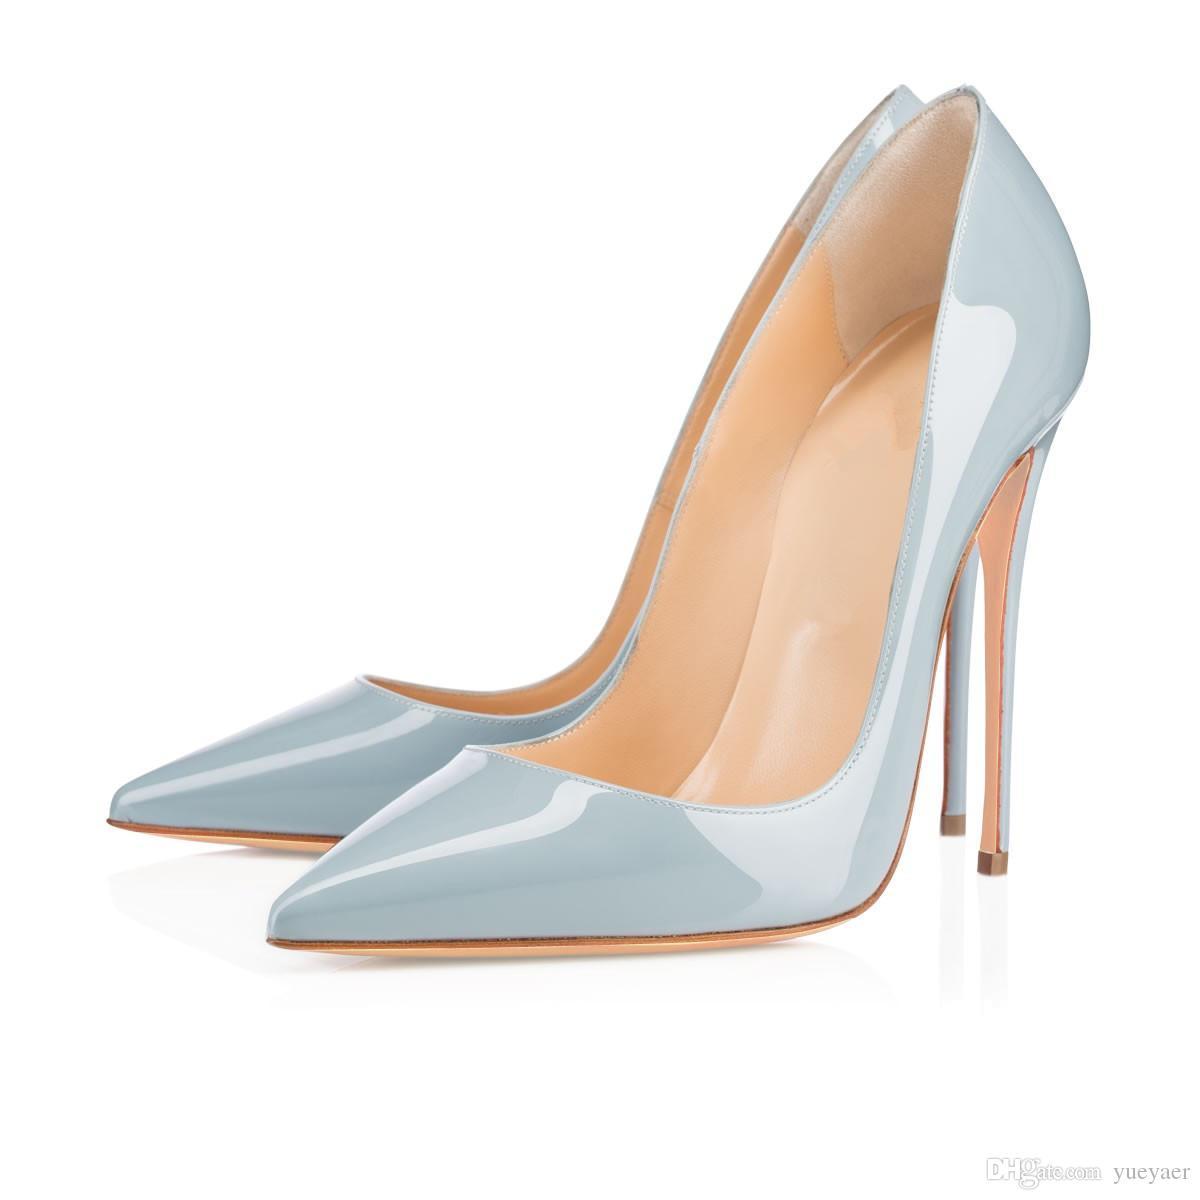 Zandina Ladies Handmade Fashion ASO-kate 120mm Punta a punta Classic Party Scarpe con tacco sottile Scarpe a spillo Blu chiaro